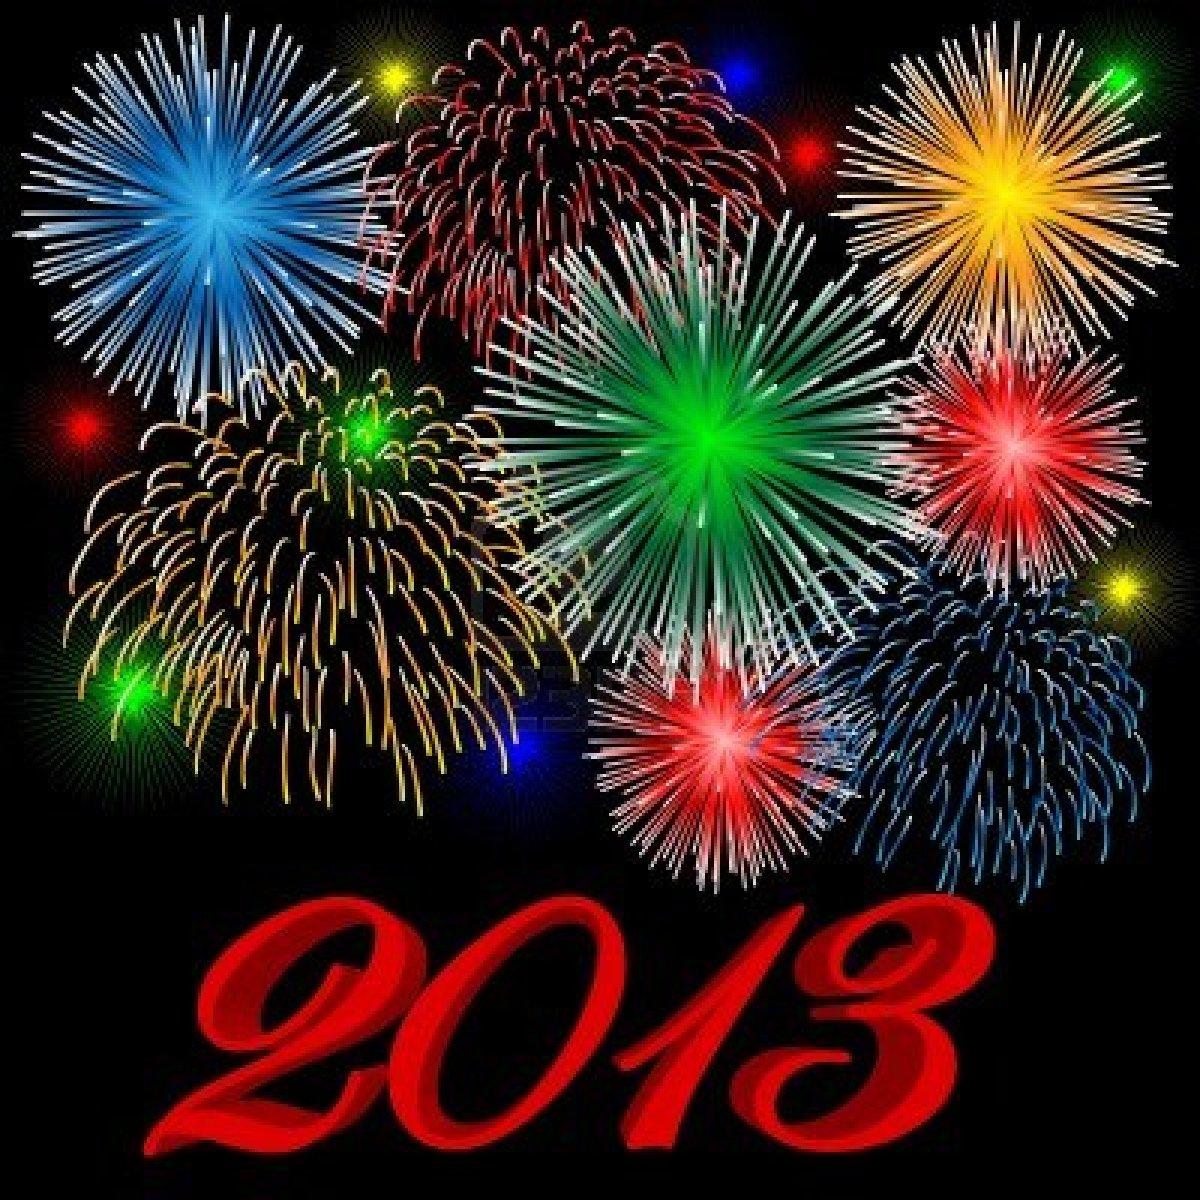 Alles Schall und Rauch: Frohes Neues Jahr 2013